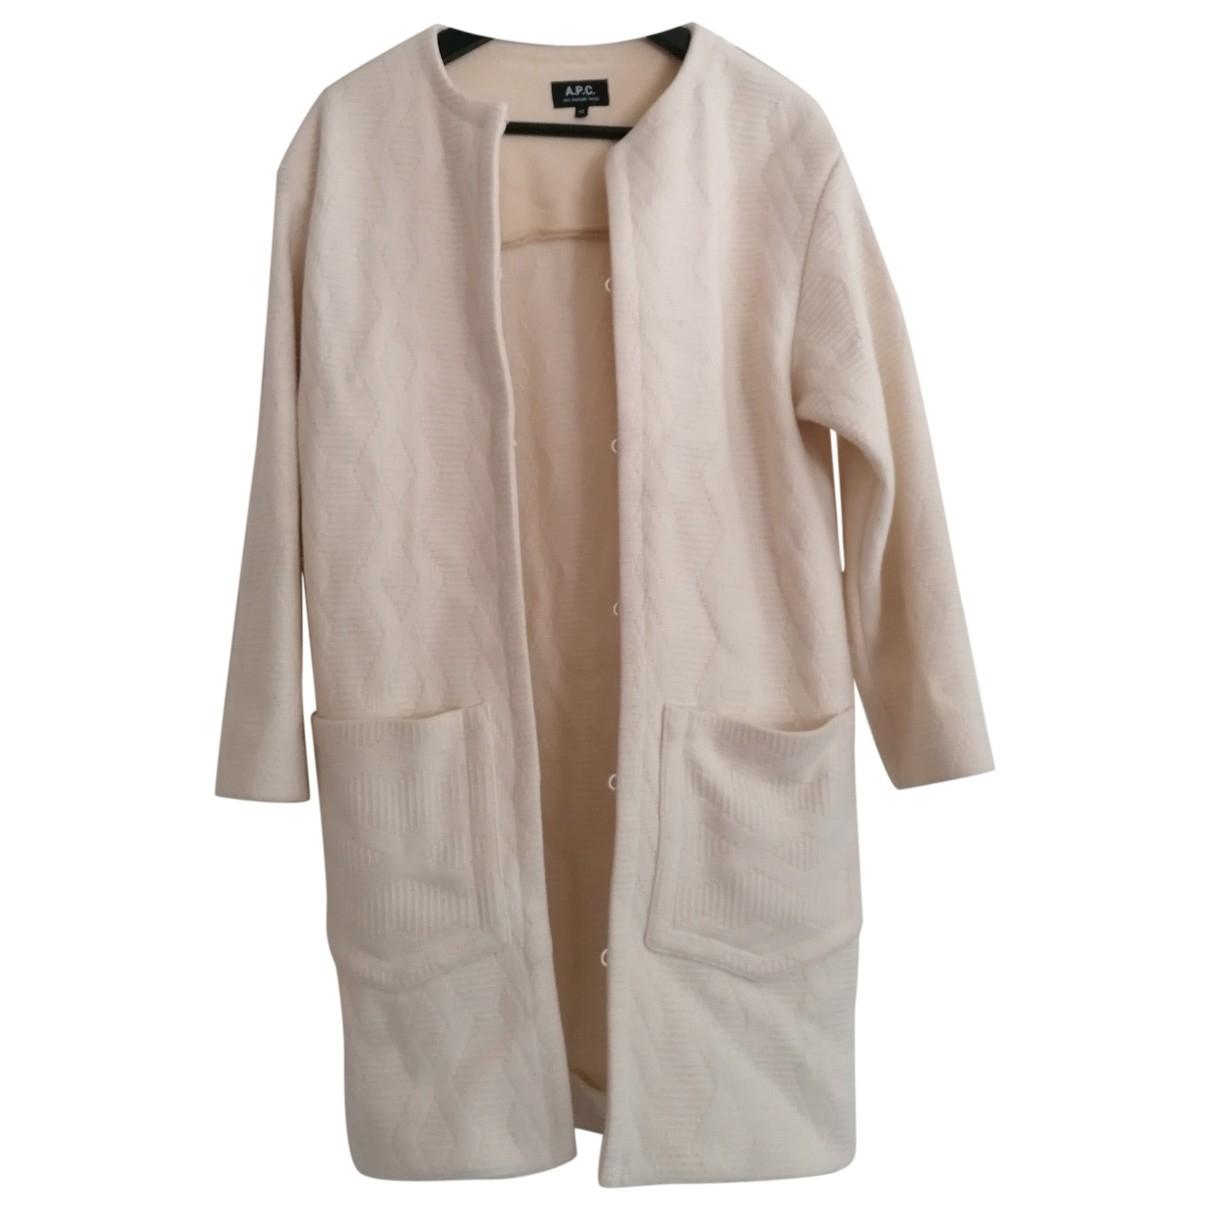 Apc - Manteau   pour femme en laine - blanc